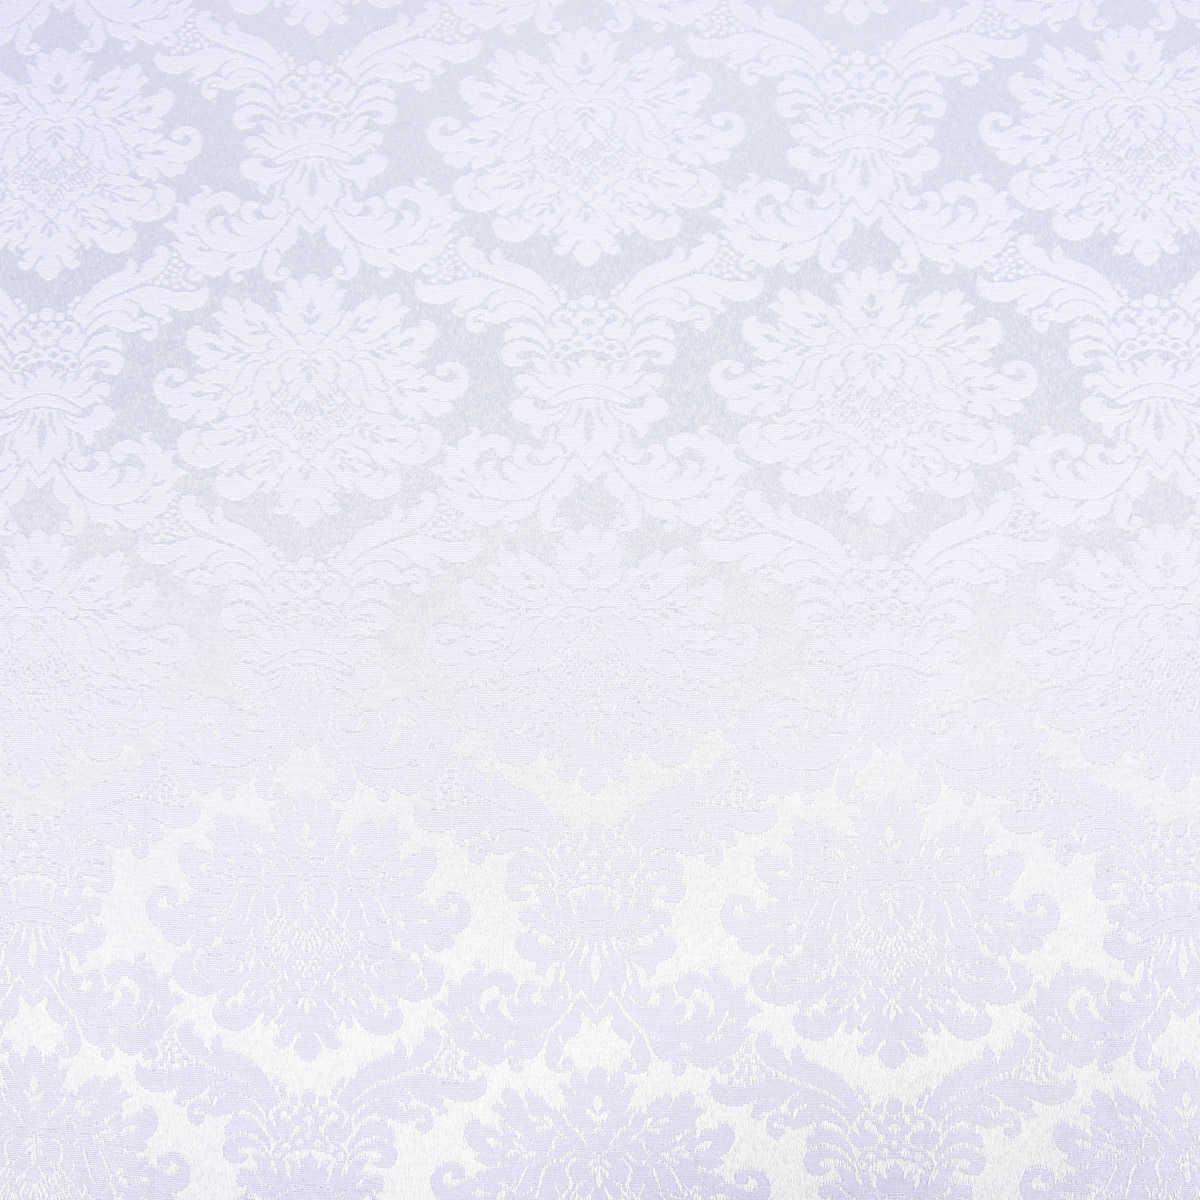 Tischwäschestoff Jacquard Dekostoff Versalles Damast Ornamente weiß 1,4m Breite